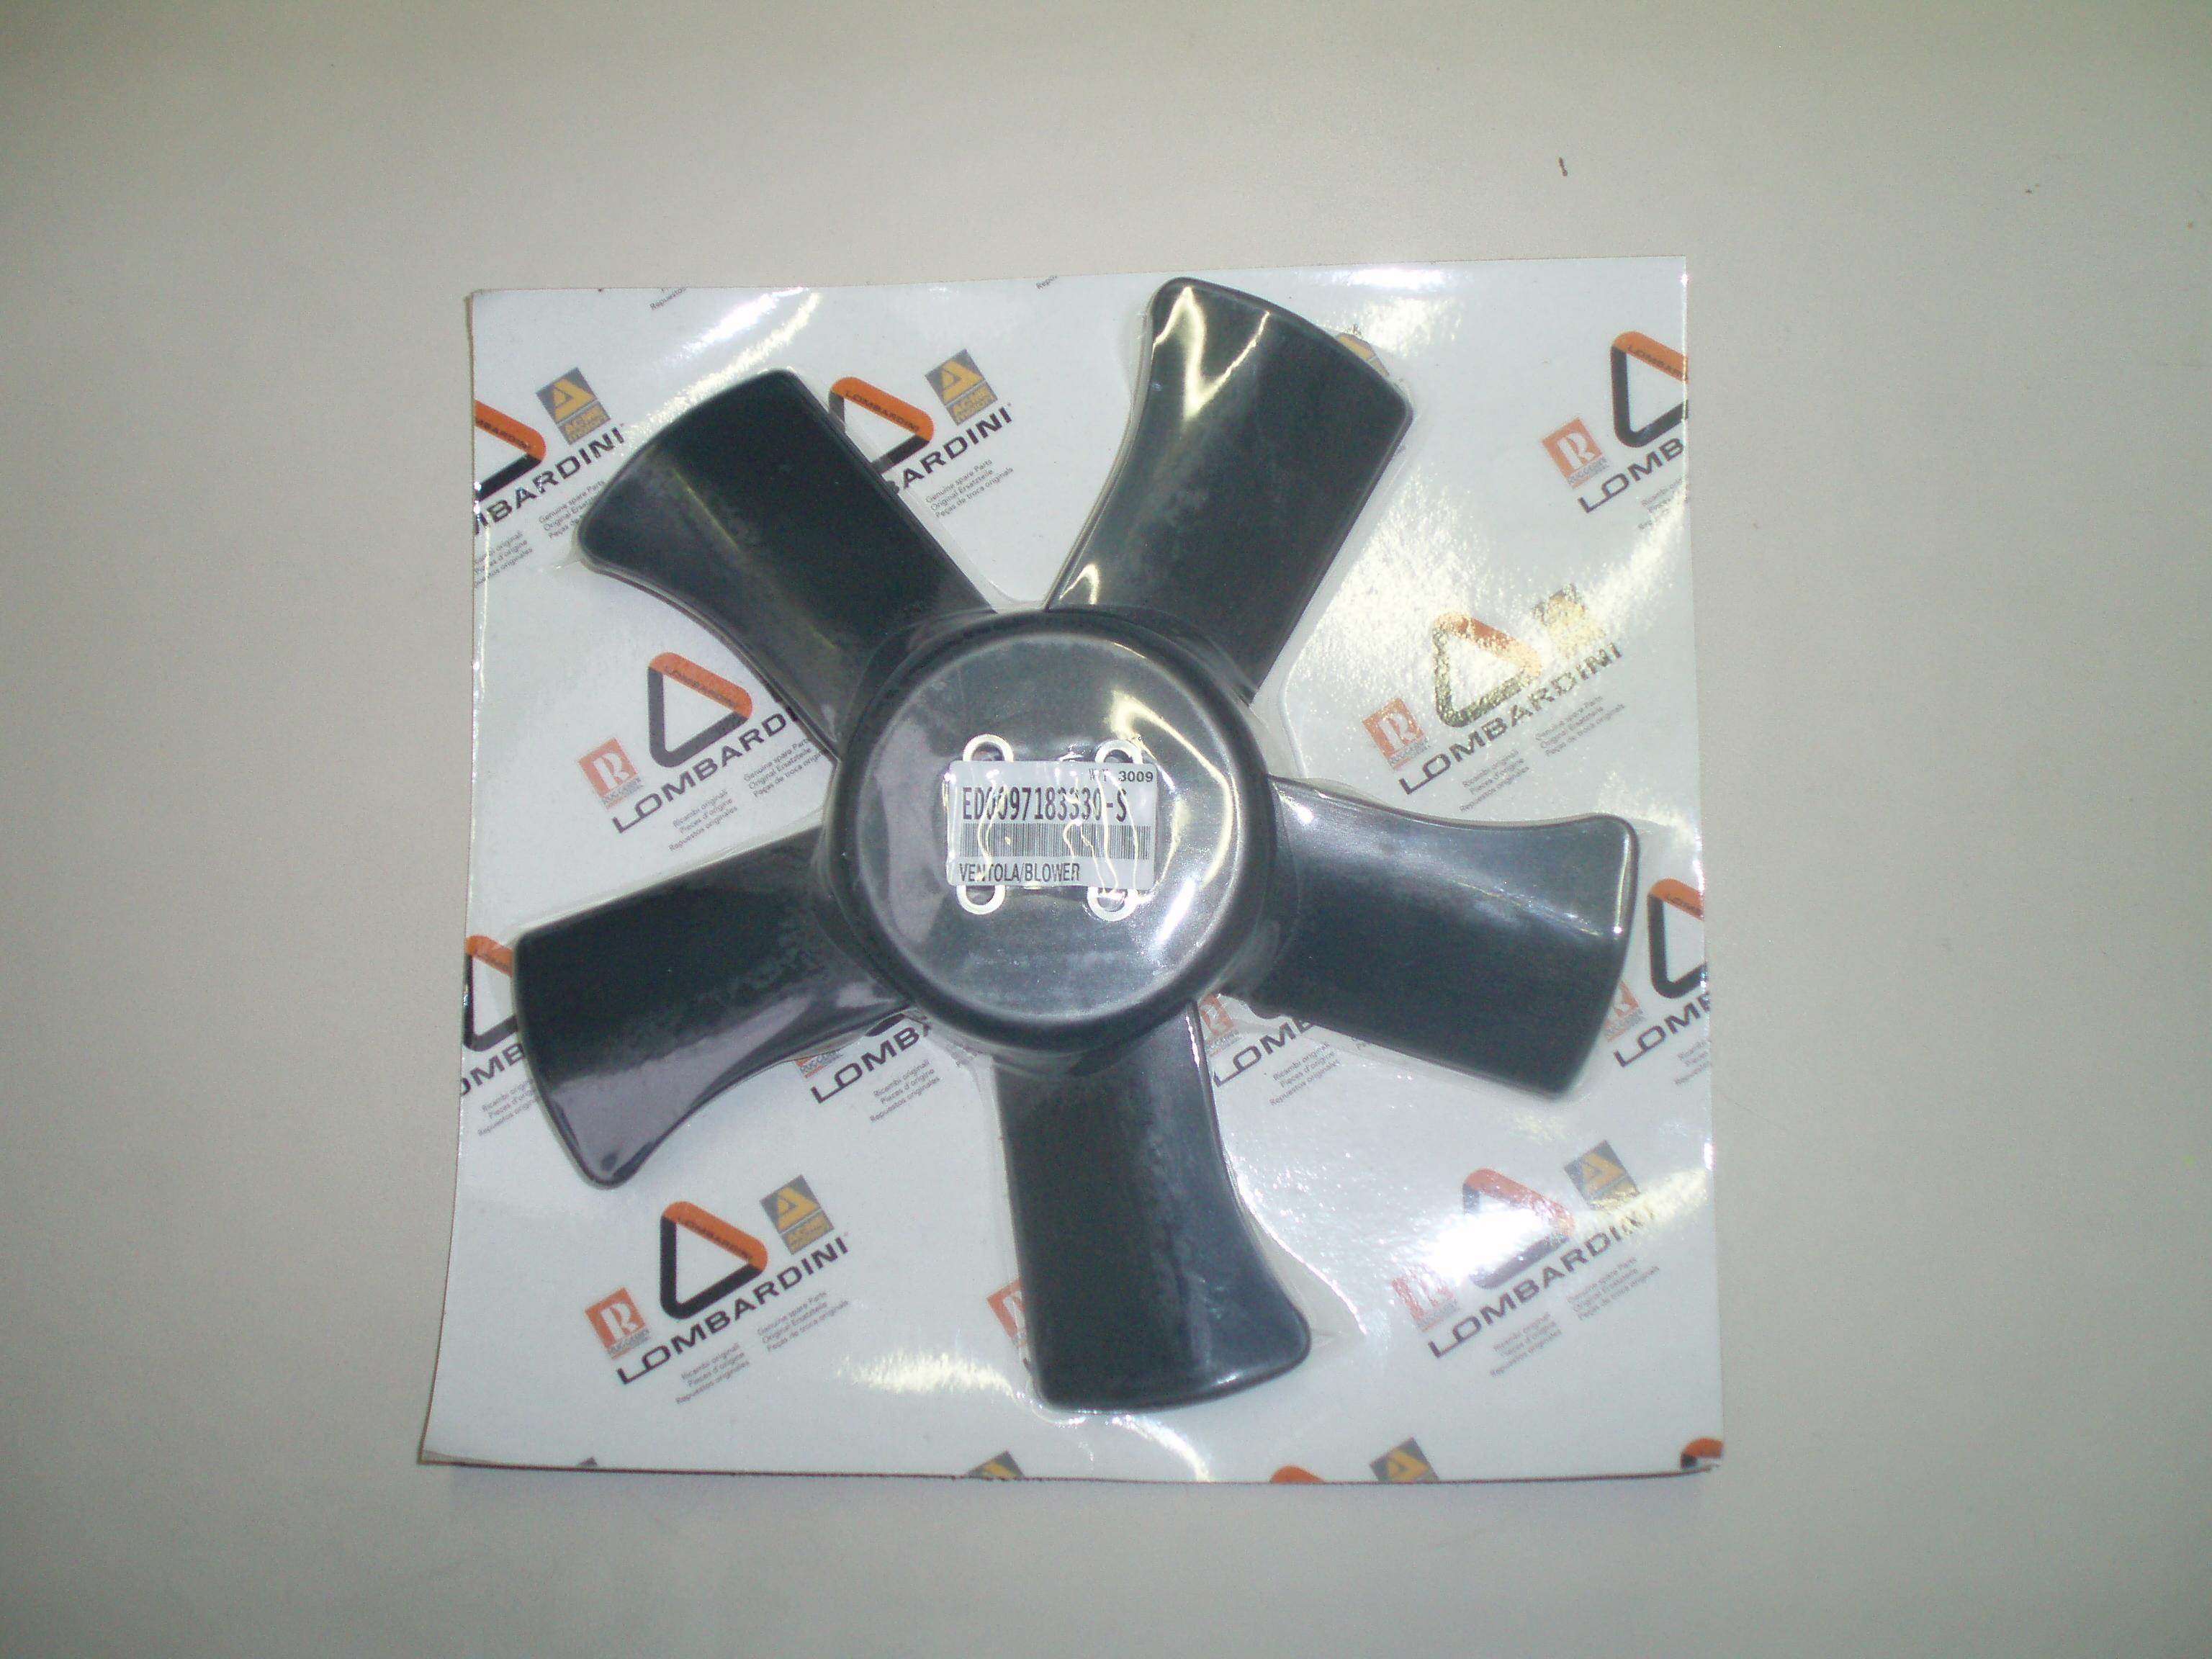 Helice Soufflante FOCS LDW502 LDW602 - LGW523 LGW627 soufflante Ø280 [9718333 - 9718244]